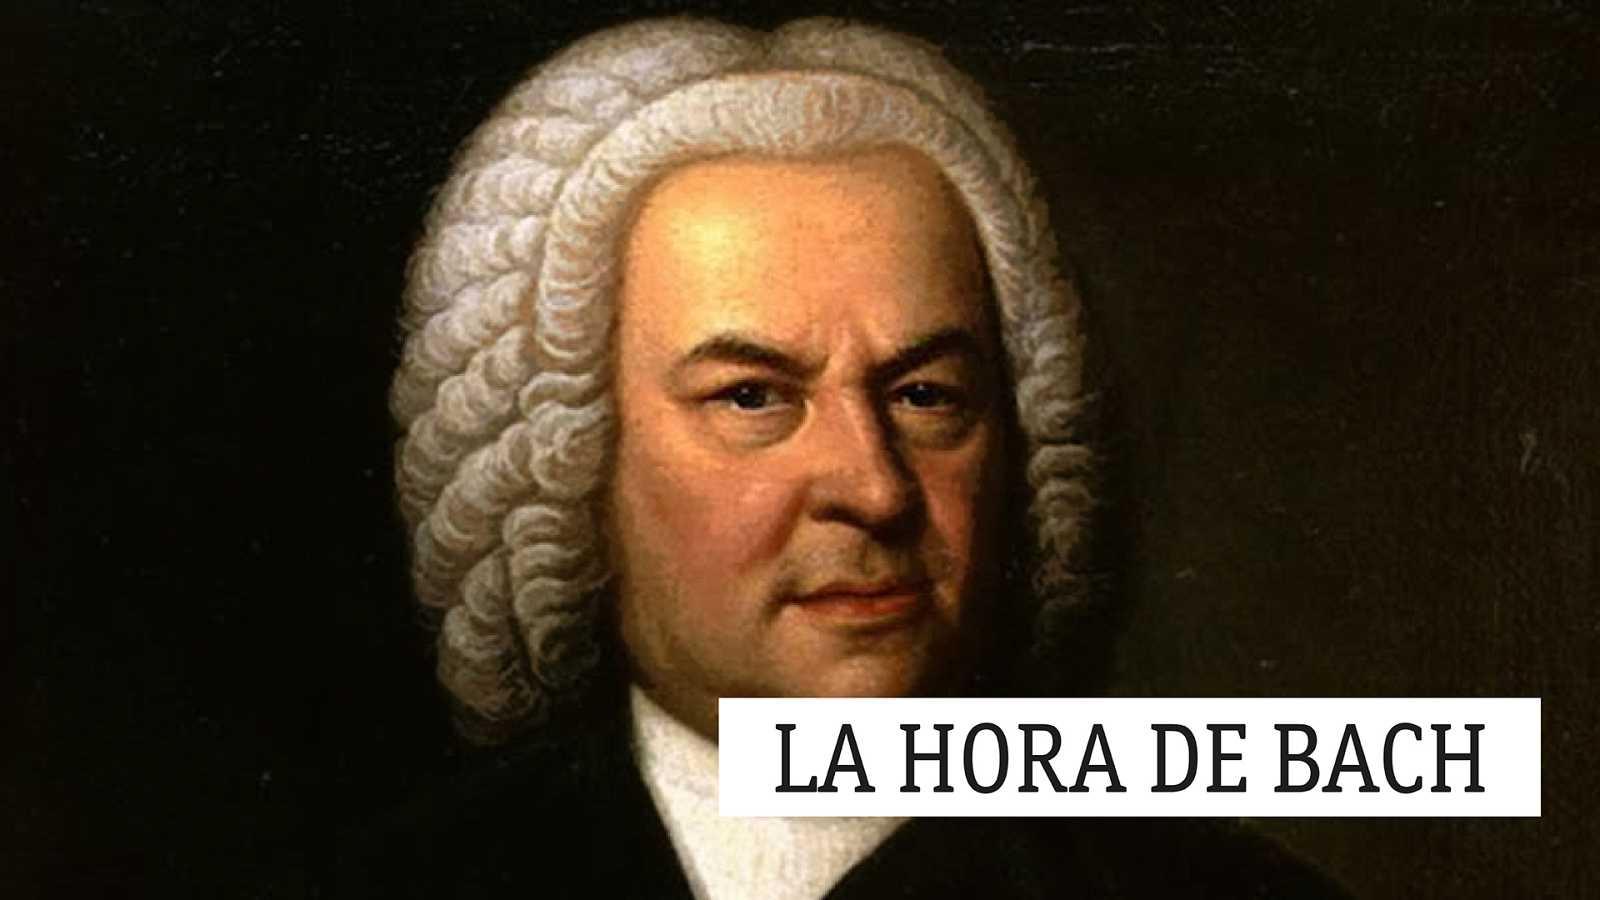 La hora de Bach - 16/11/19